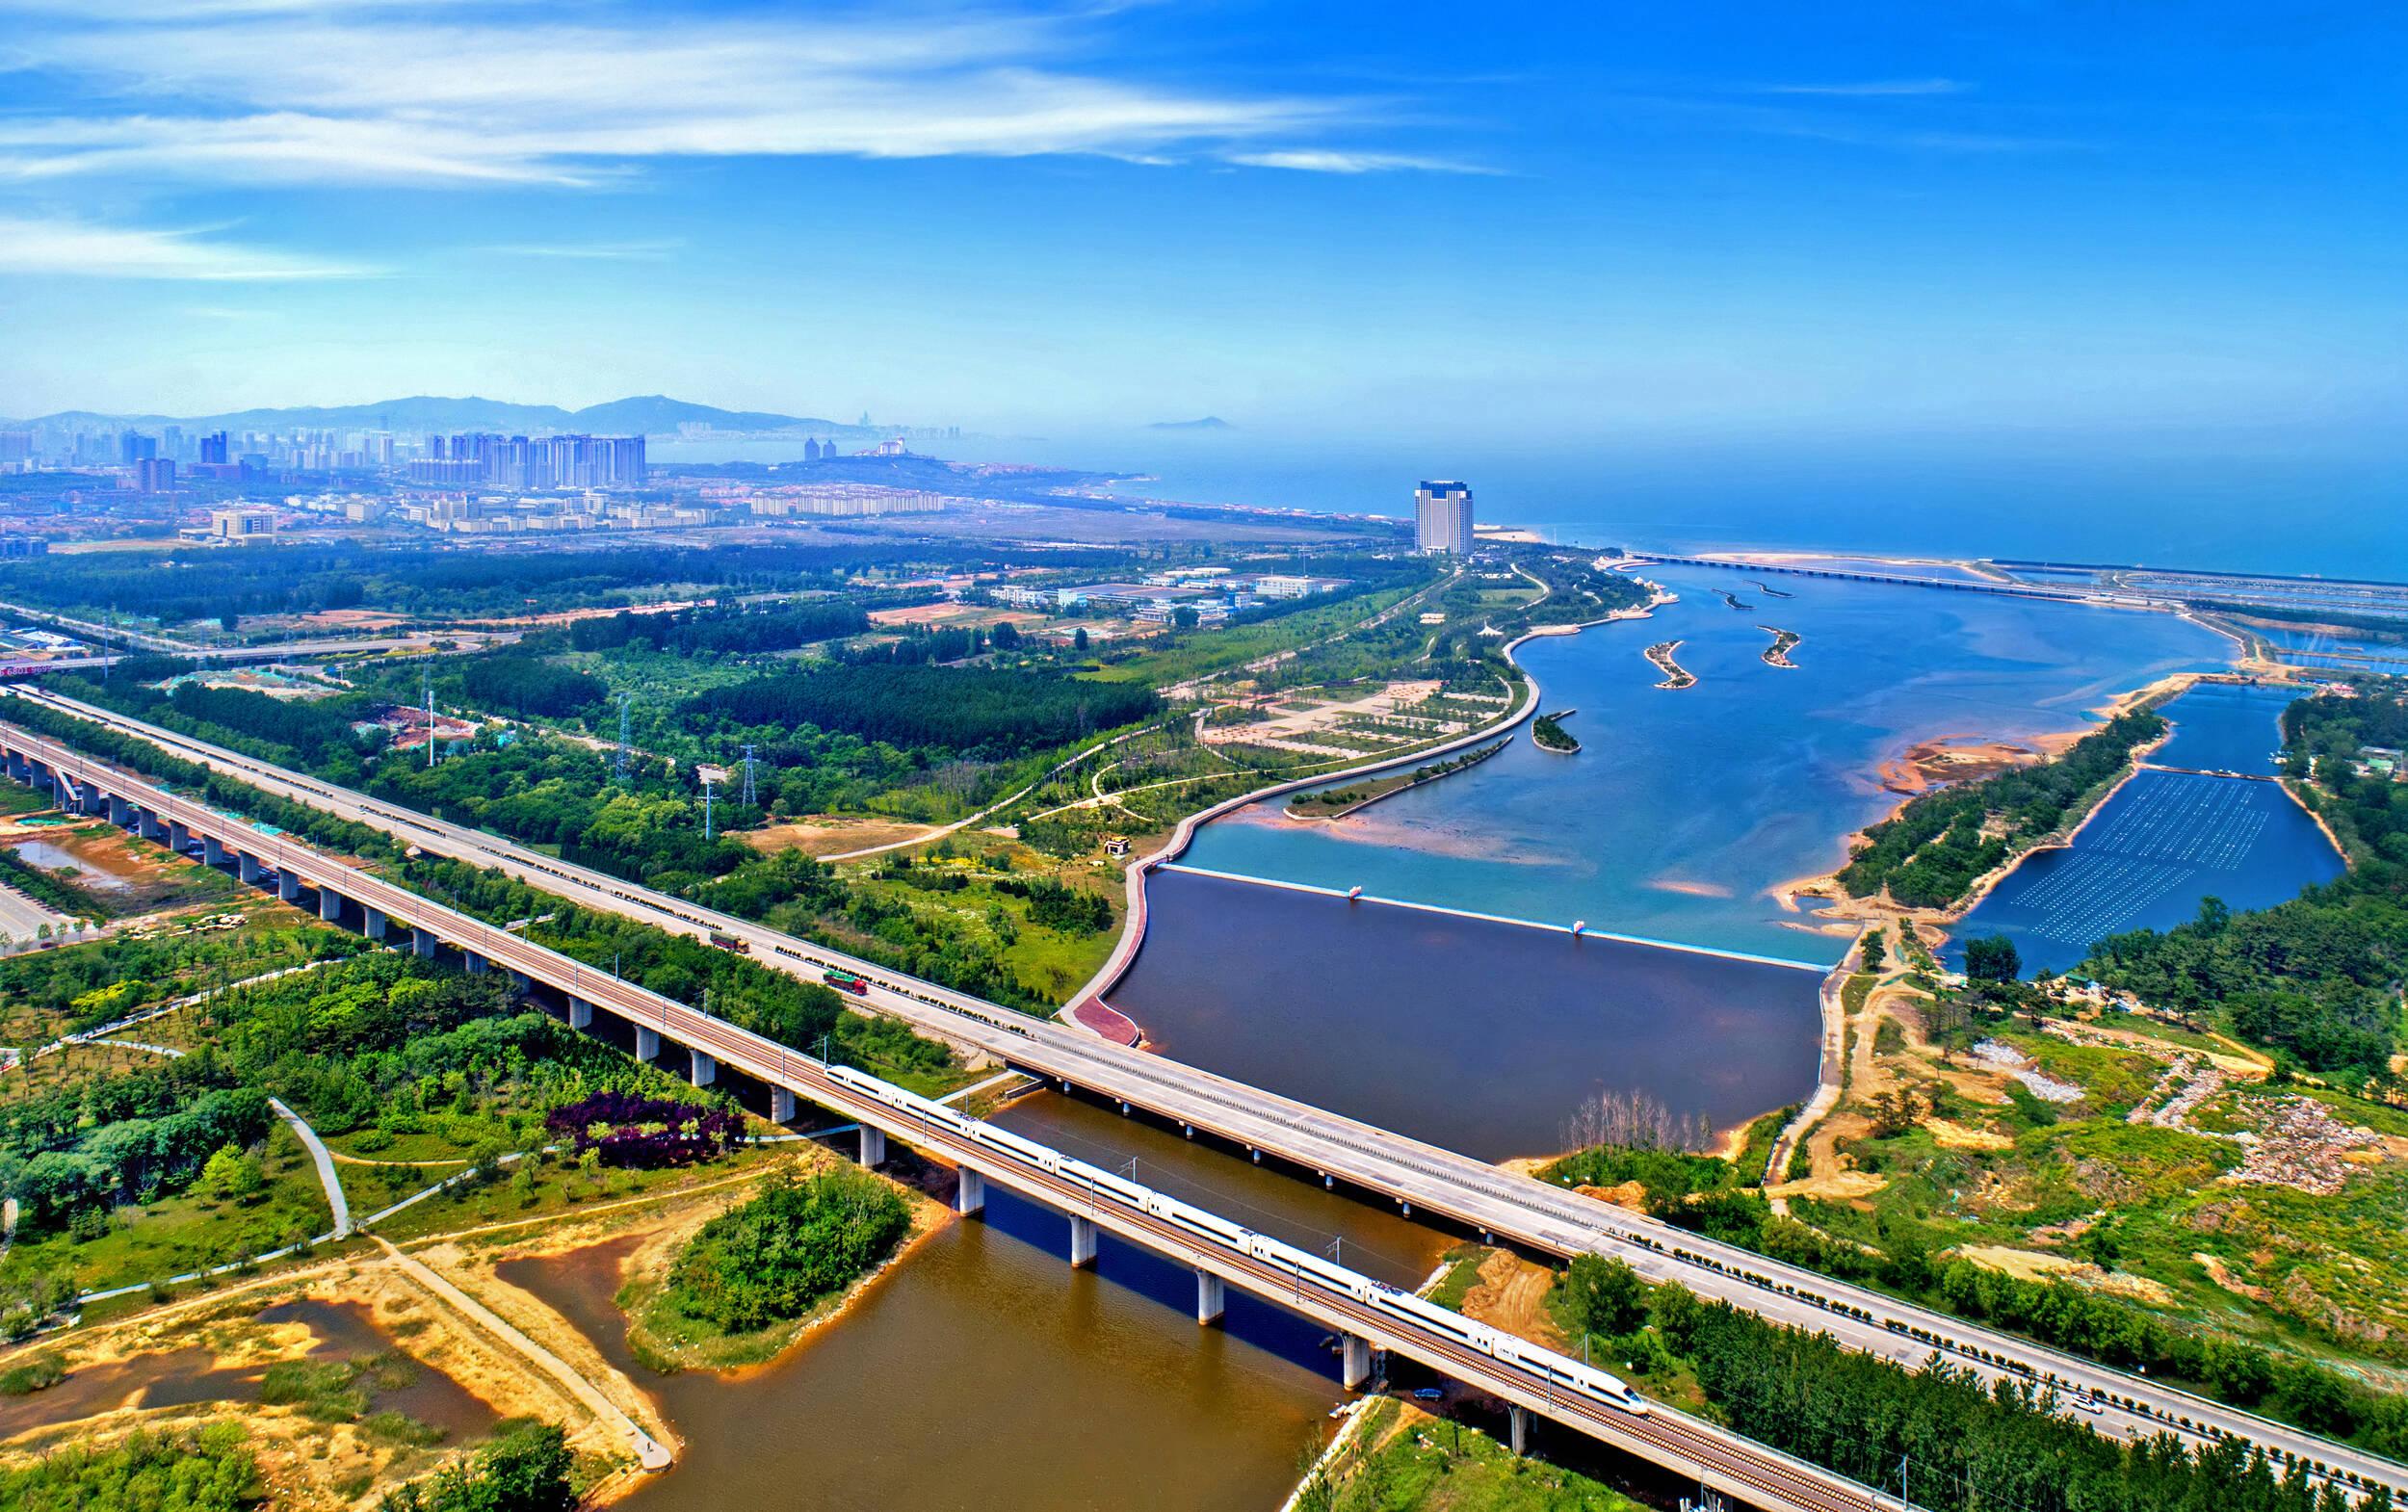 烟台高新区辛安河被评为省级美丽河流